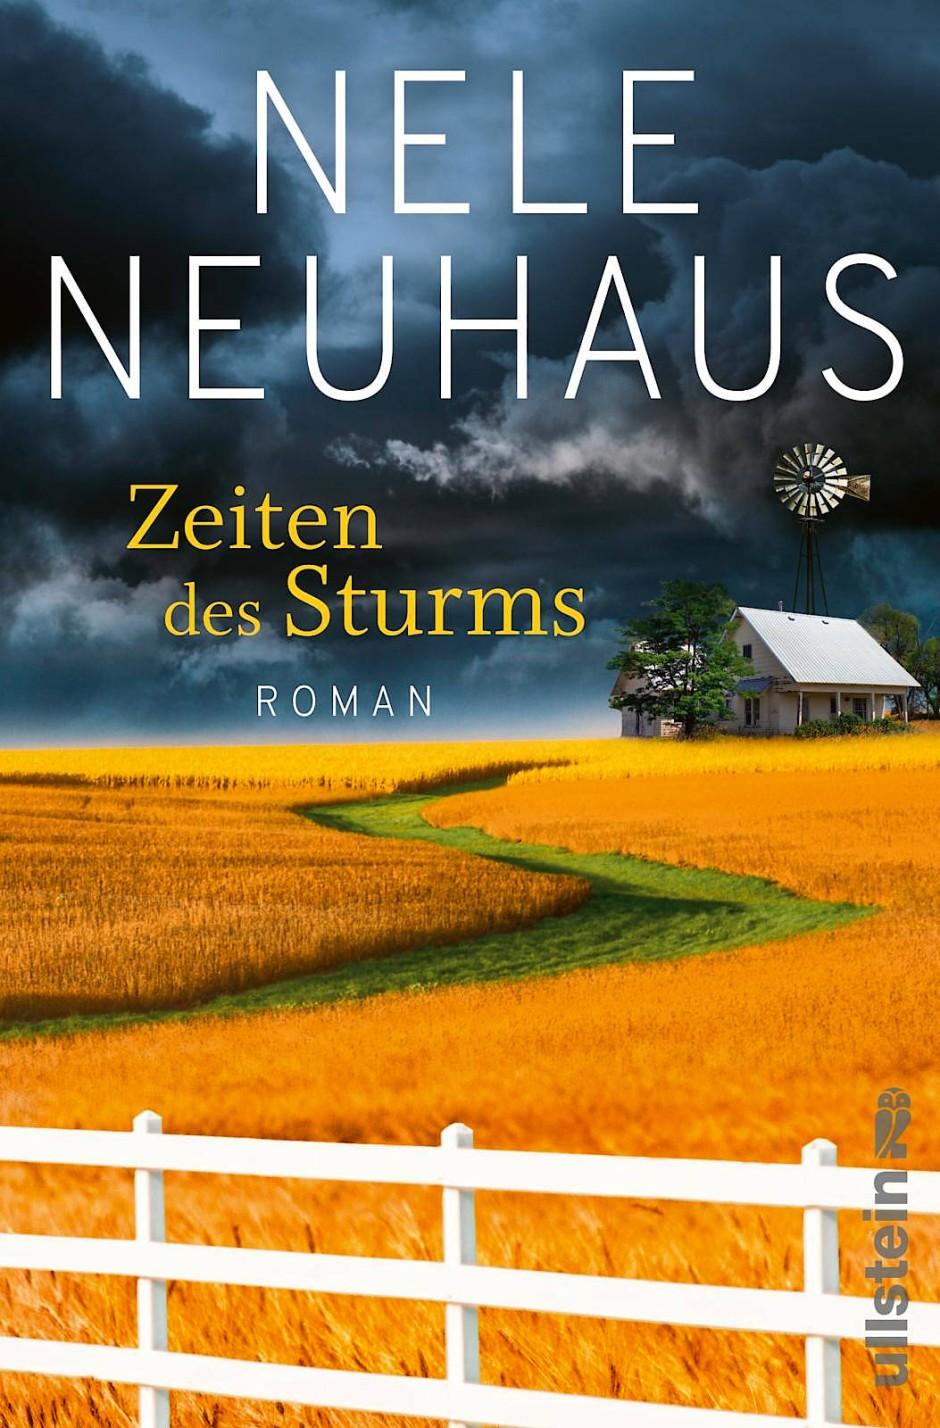 Zeiten des Sturms: Roman (Sheridan-Grant-Serie, Band 3) von Nele Neuhaus, Verlag: Ullstein Paperback